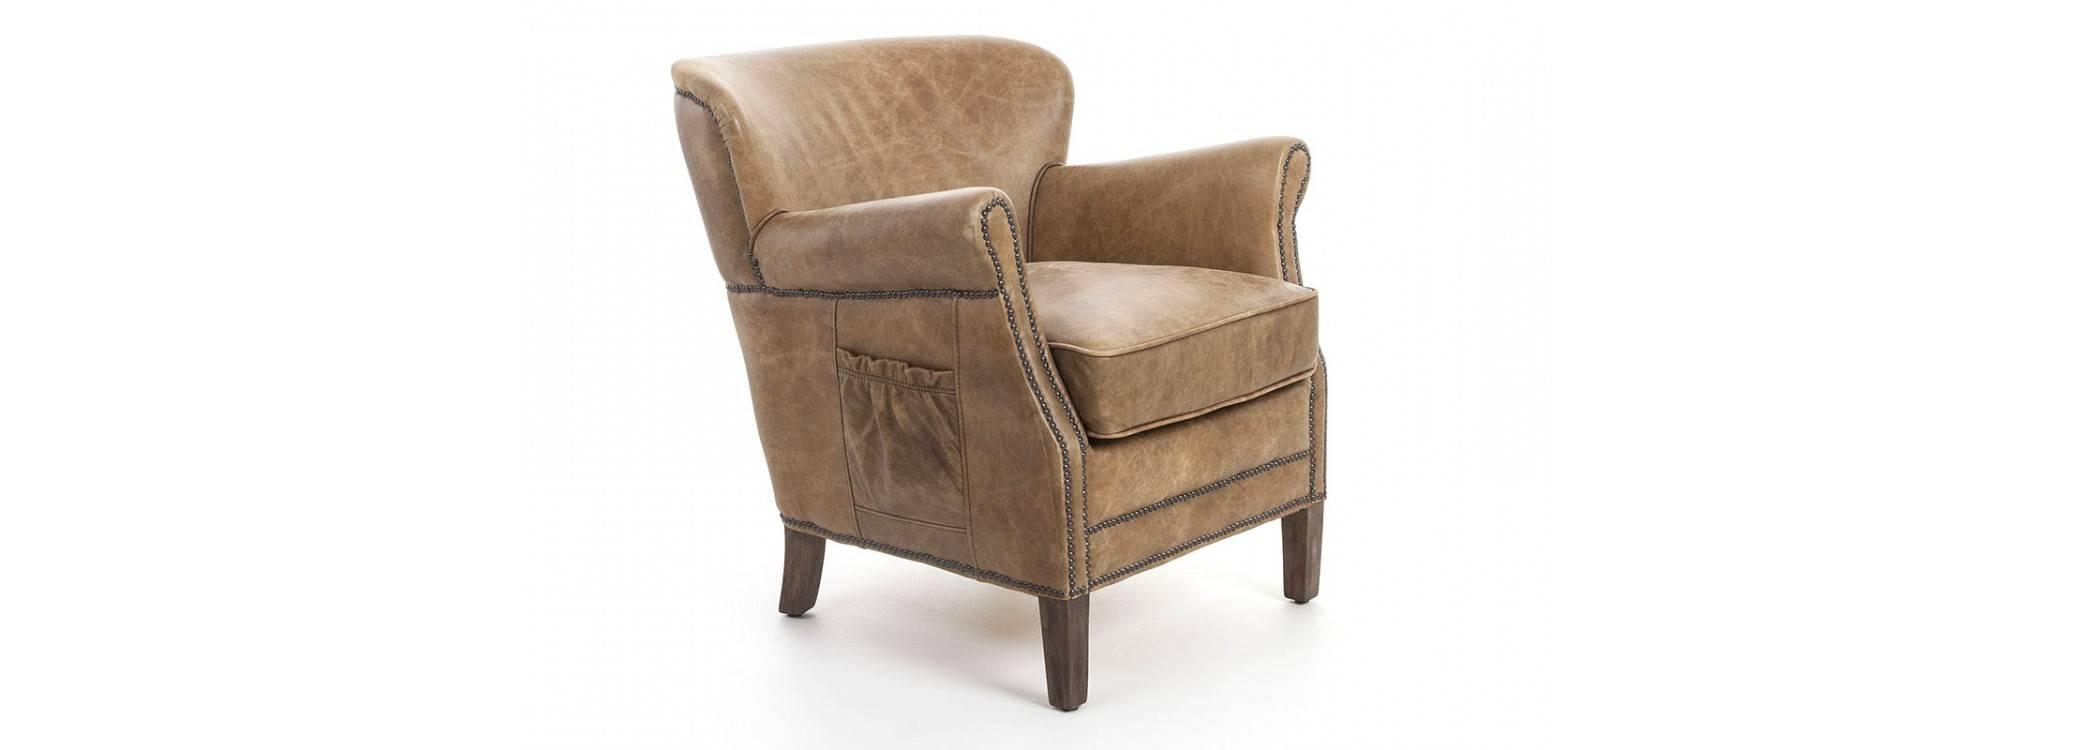 Fauteuil club Camus en cuir marron style vintage - L72 cm